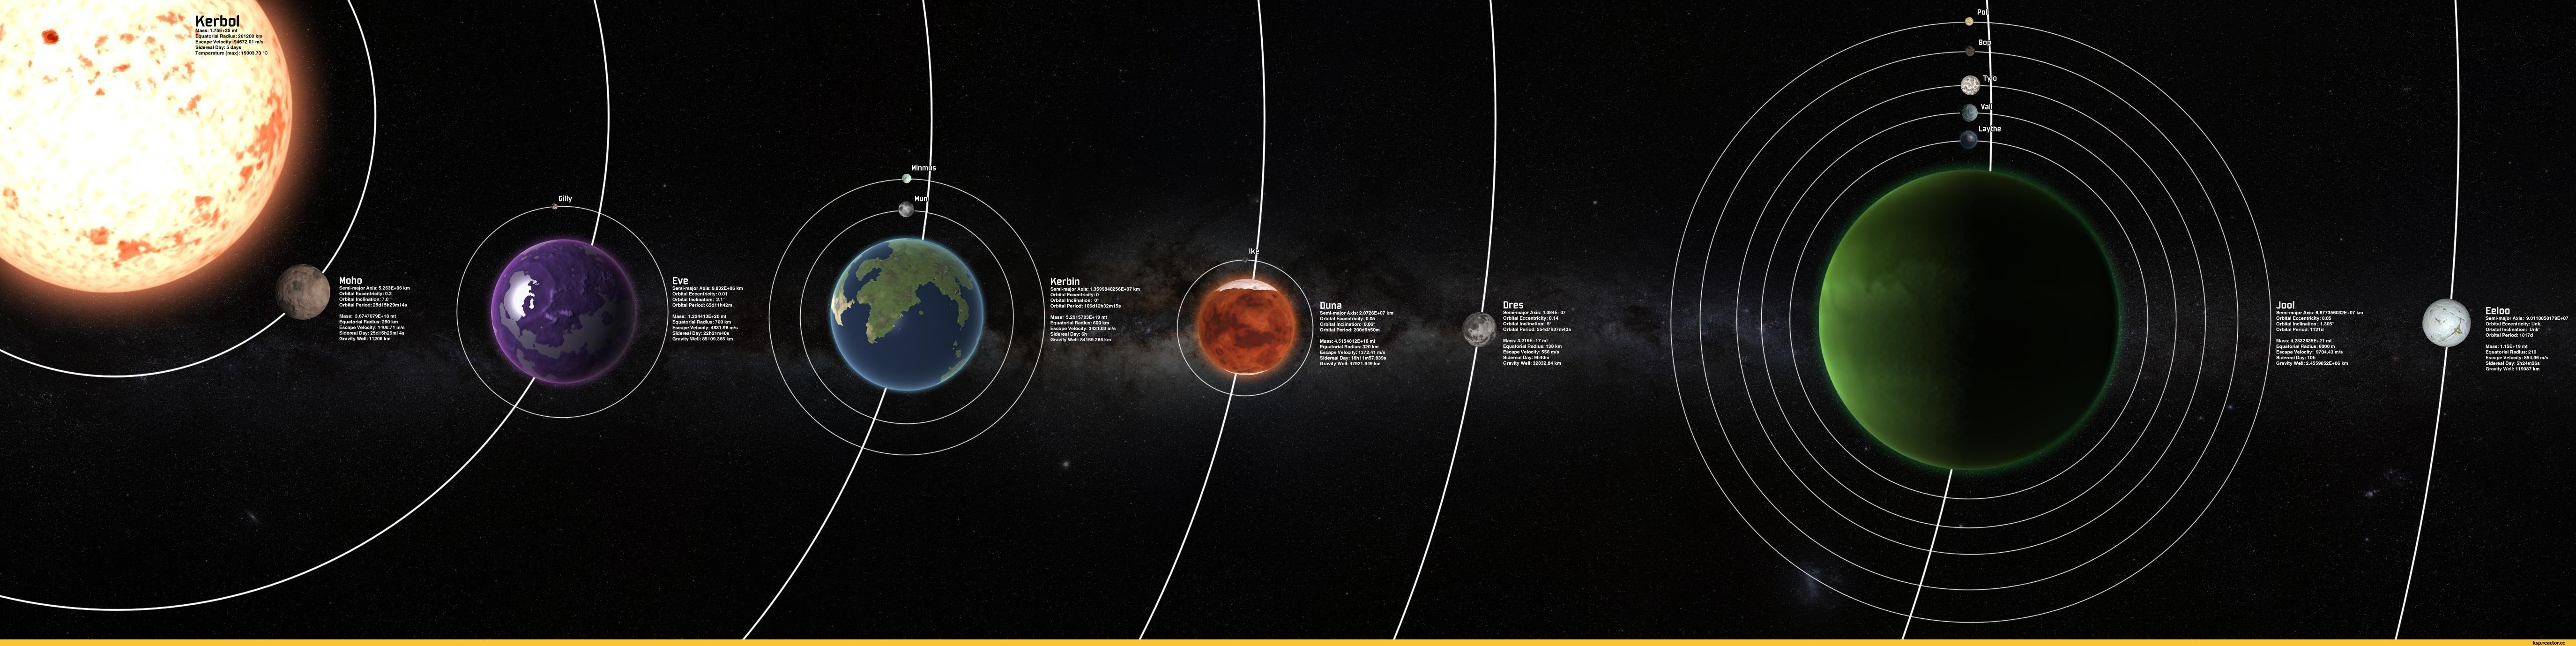 KSP - через тернии к звёздам - Изображение 2